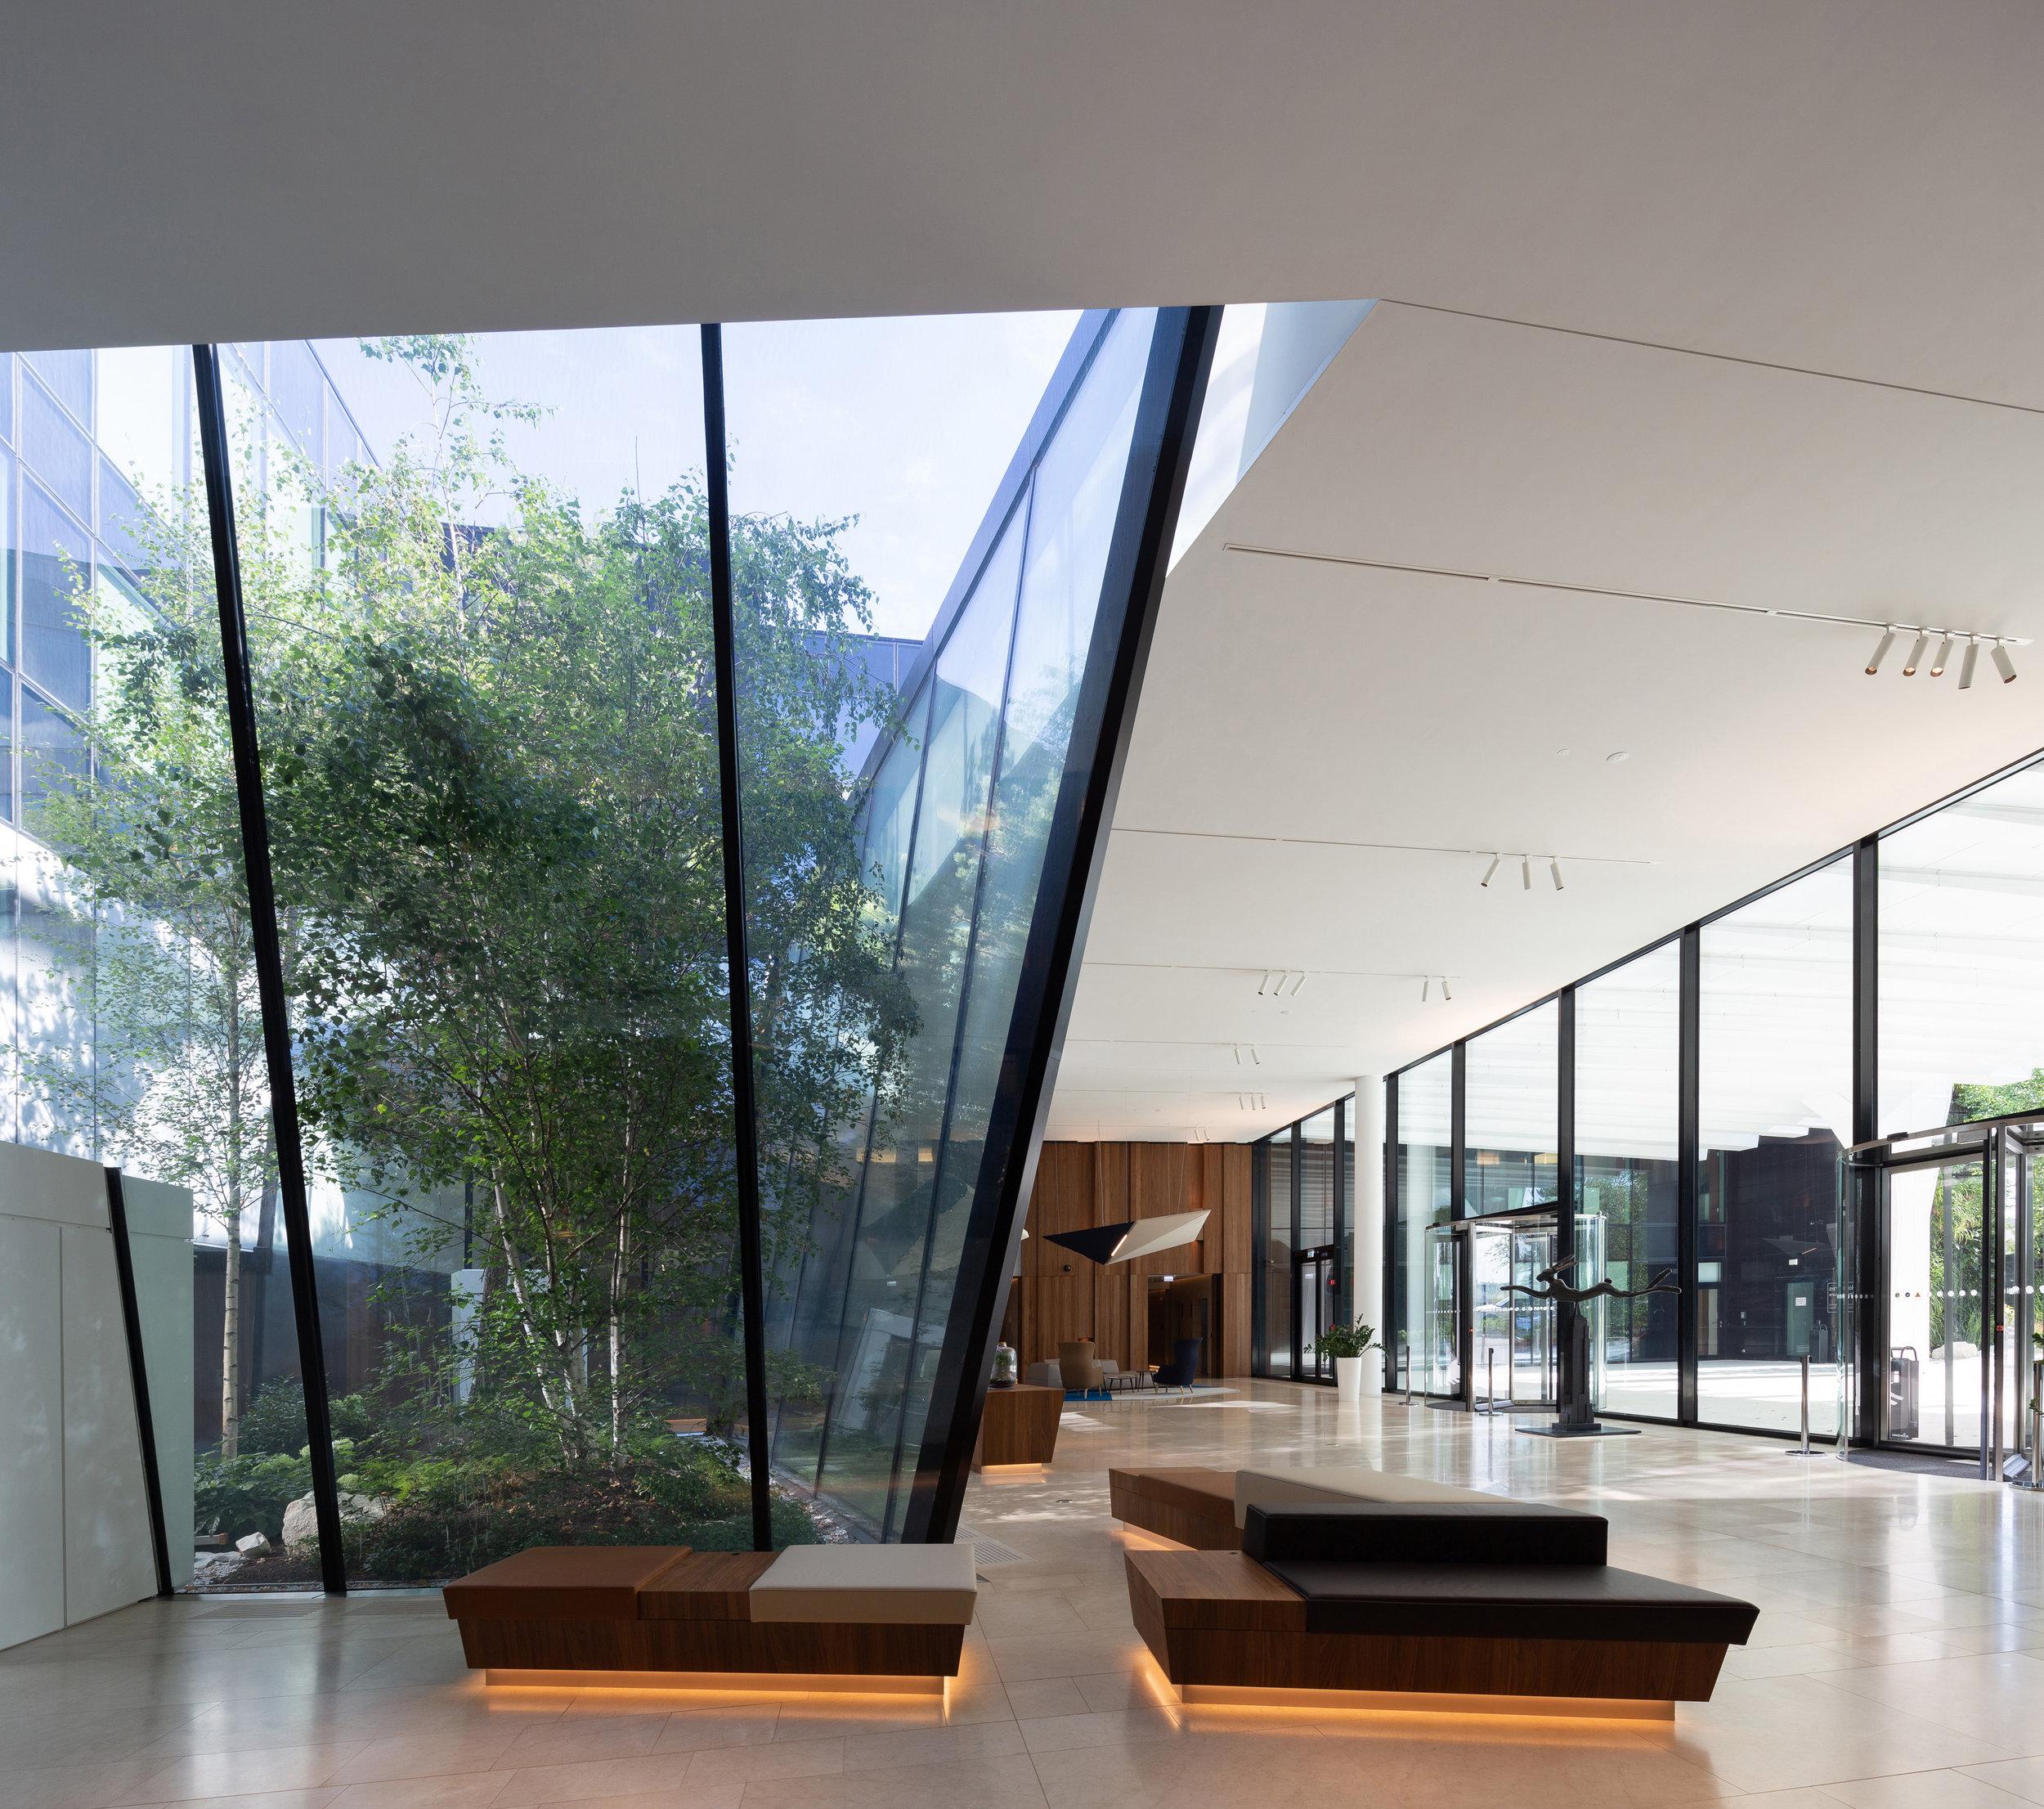 office_foyer_insurance_luxembourg_outdoor_landscape_designer_christophe_gautrand_4.jpg